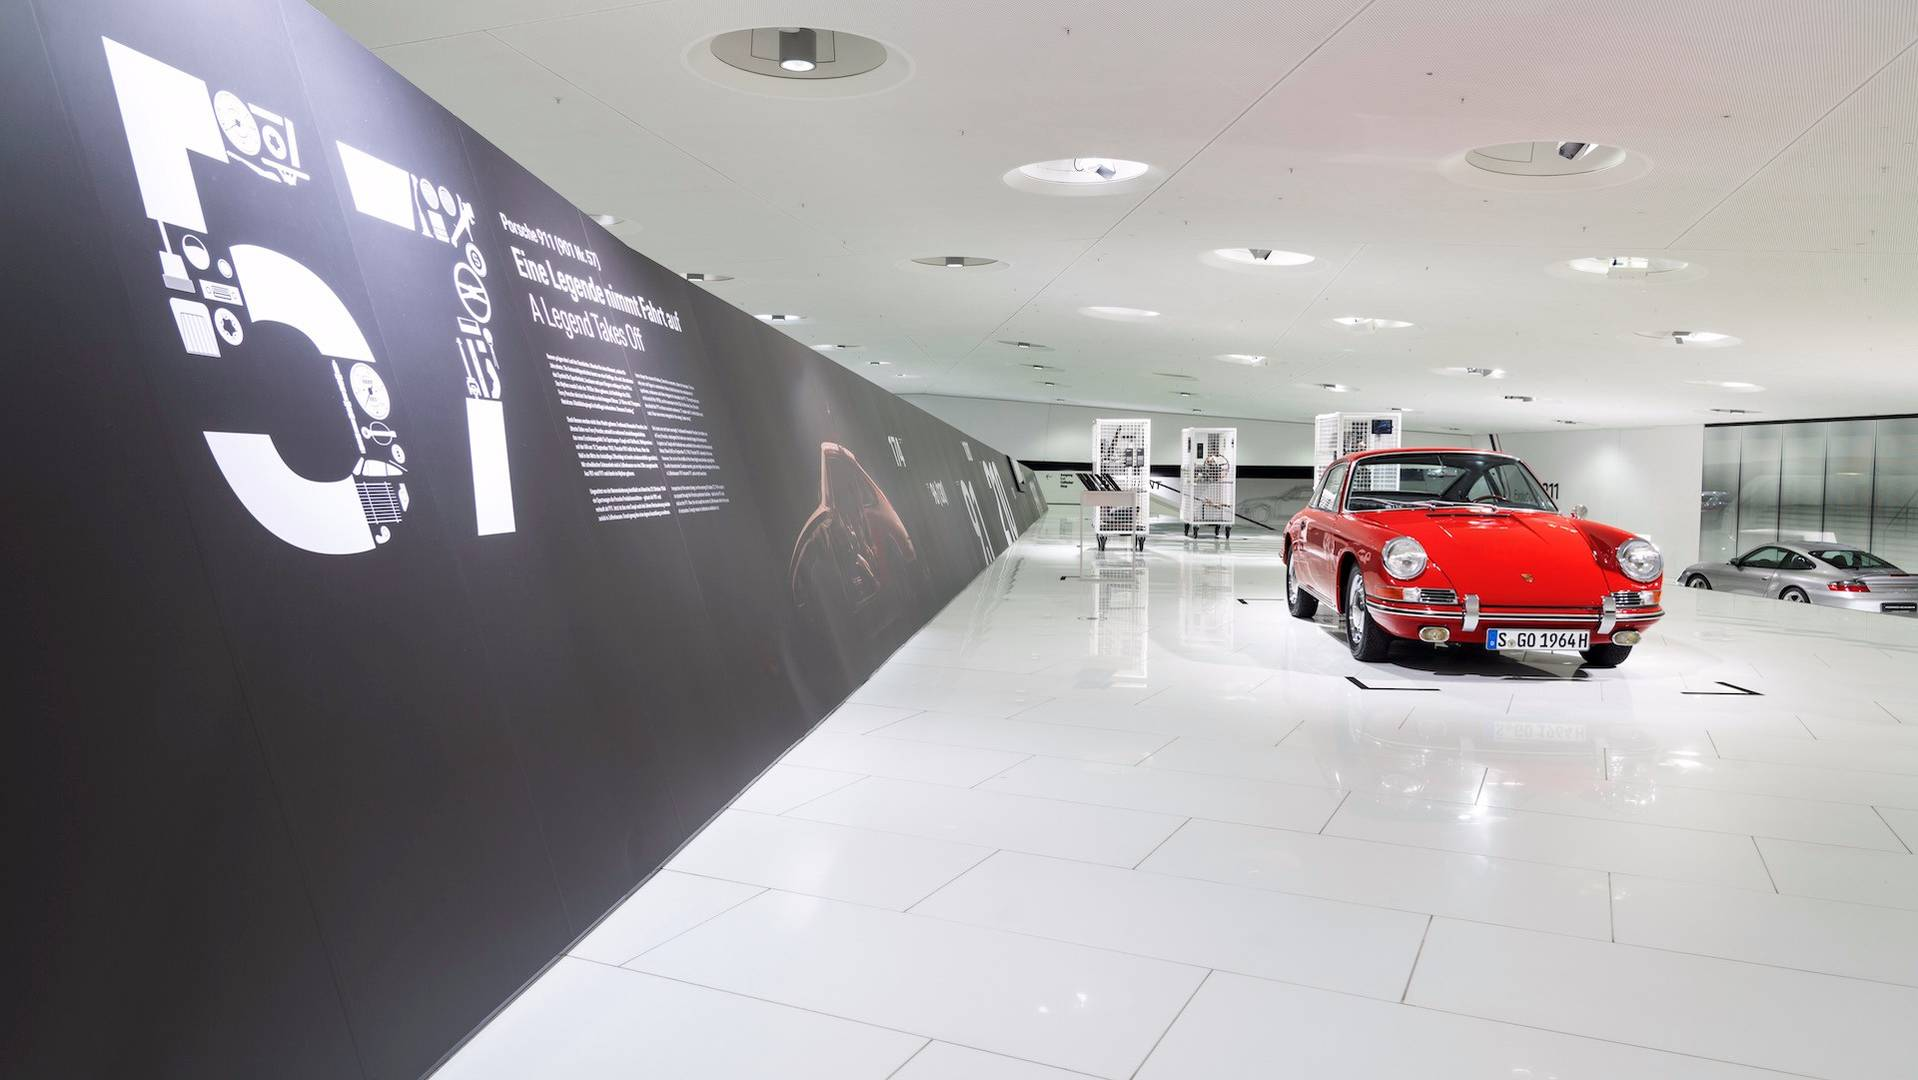 Porsche 901 911 restoration porsche museum (20)